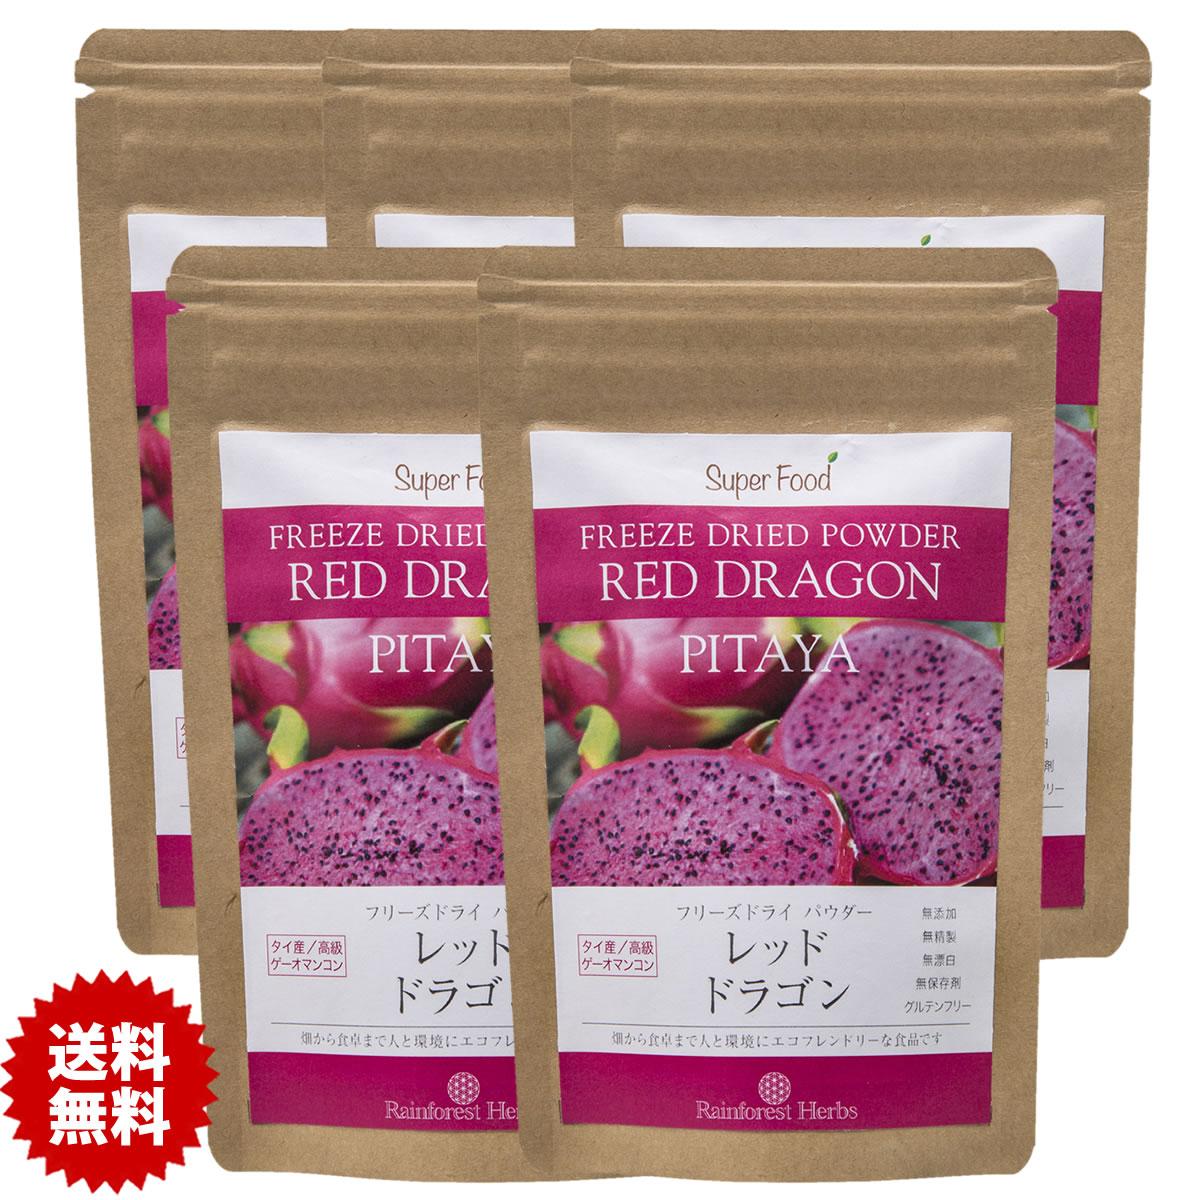 高ポリフェノール ビタミンミネラル豊富スムージーやヨーグルトで100%還元 レッドドラゴンフルーツ 迅速な対応で商品をお届け致します ピタヤパウダー 60g 5袋 公式サイト フリーズドライ タイ産 Freeze PITAYA Powder Fruit Dragon Dried Red